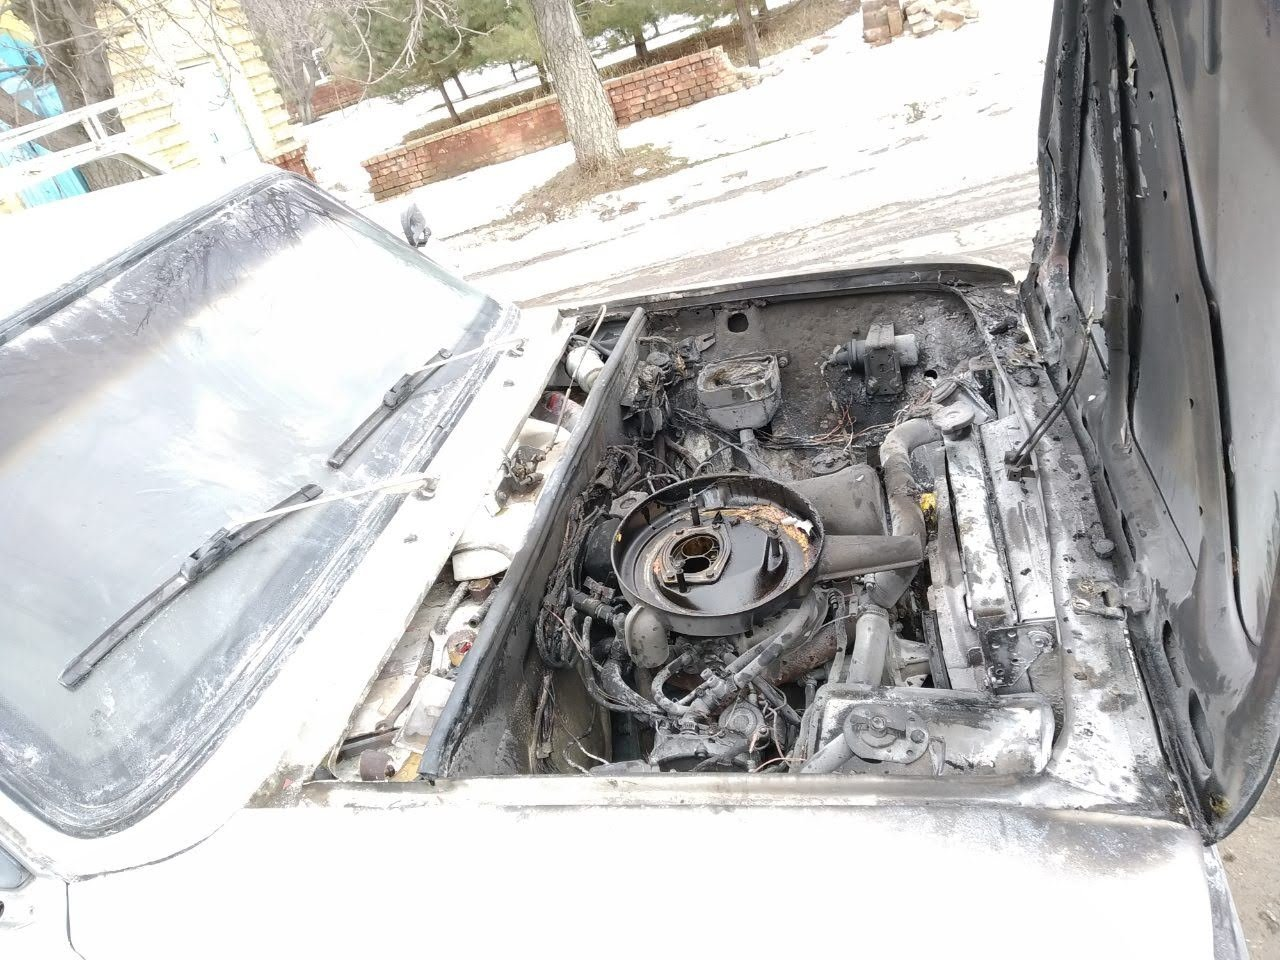 Рятувальники загасили авто, яке загорілося на маршруті Костянтинівка – Олексієво-Дружківка, фото-1